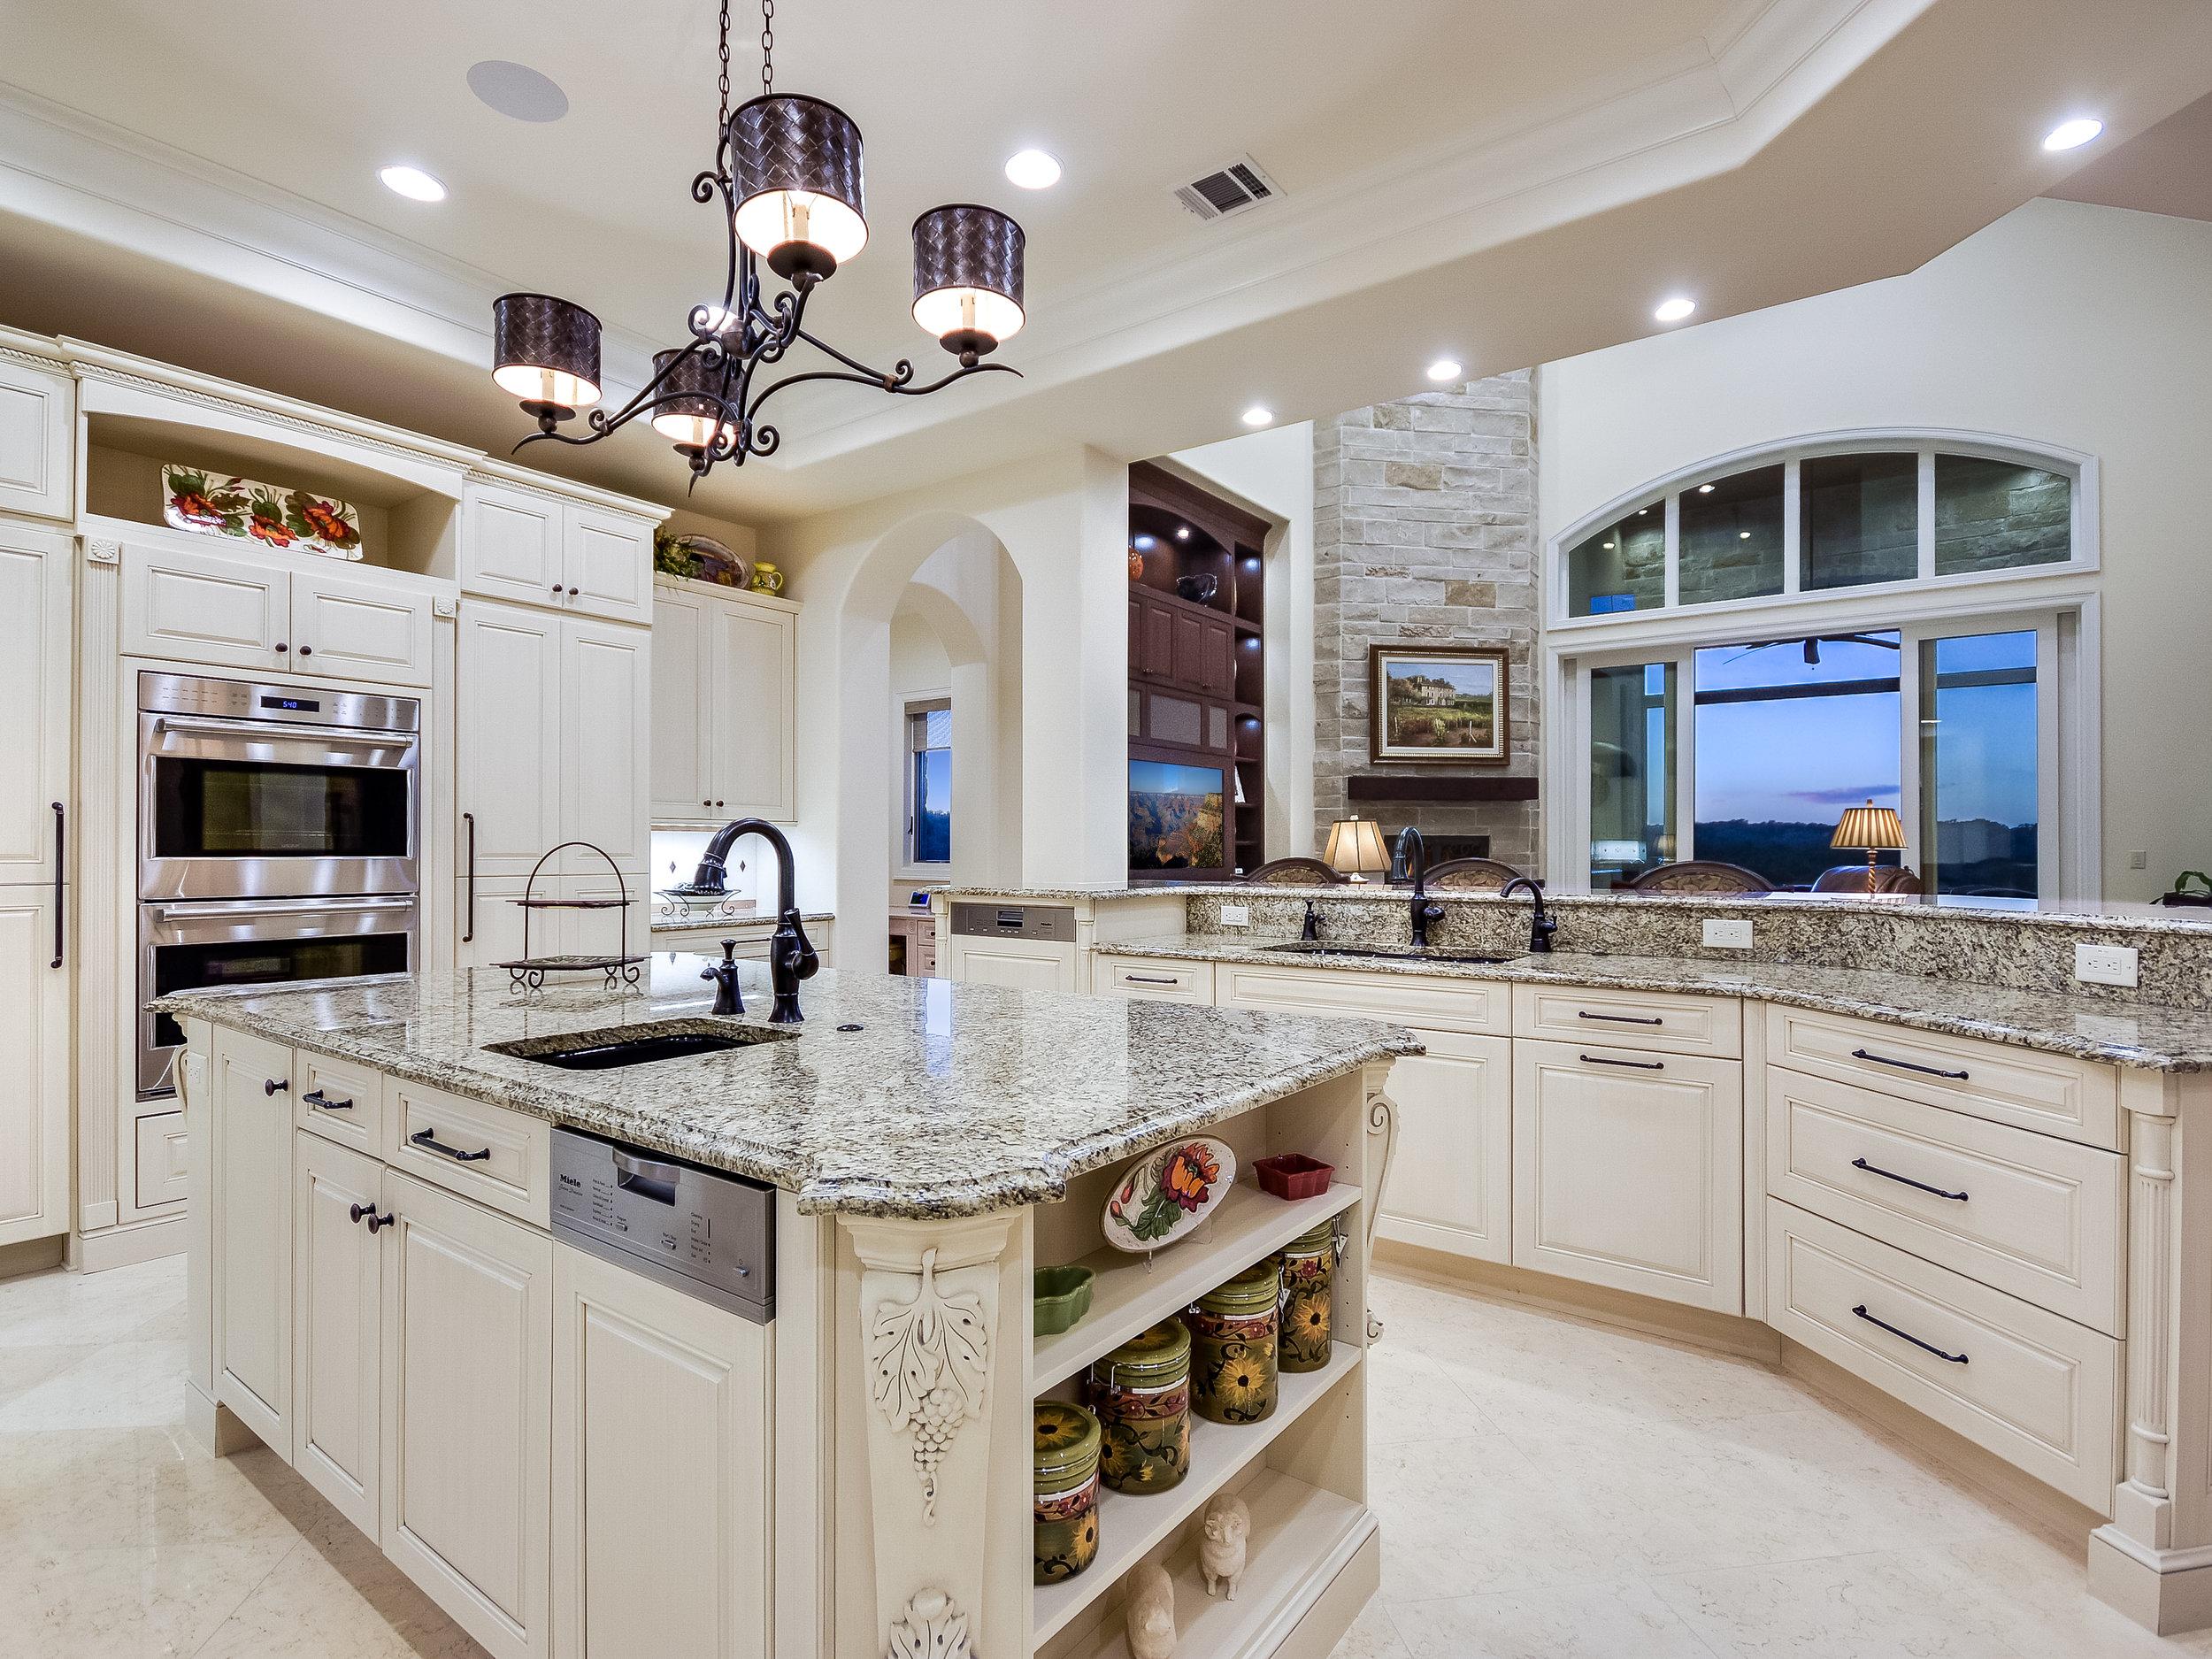 021_Kitchen 2.jpg